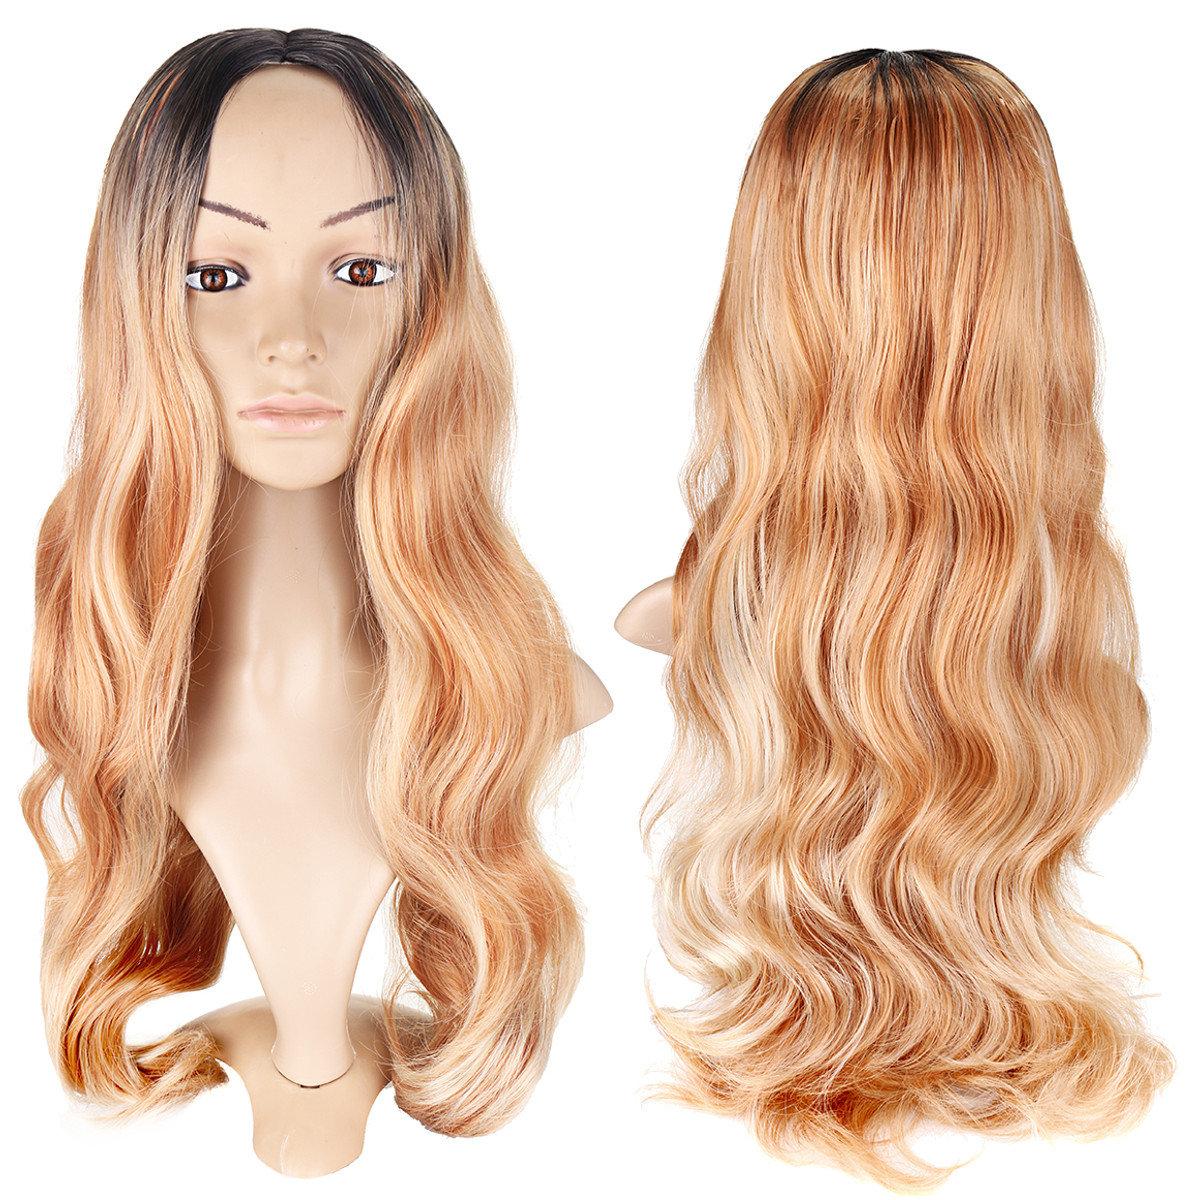 Women Long Curly Synthetic Wigs Blonde Heat